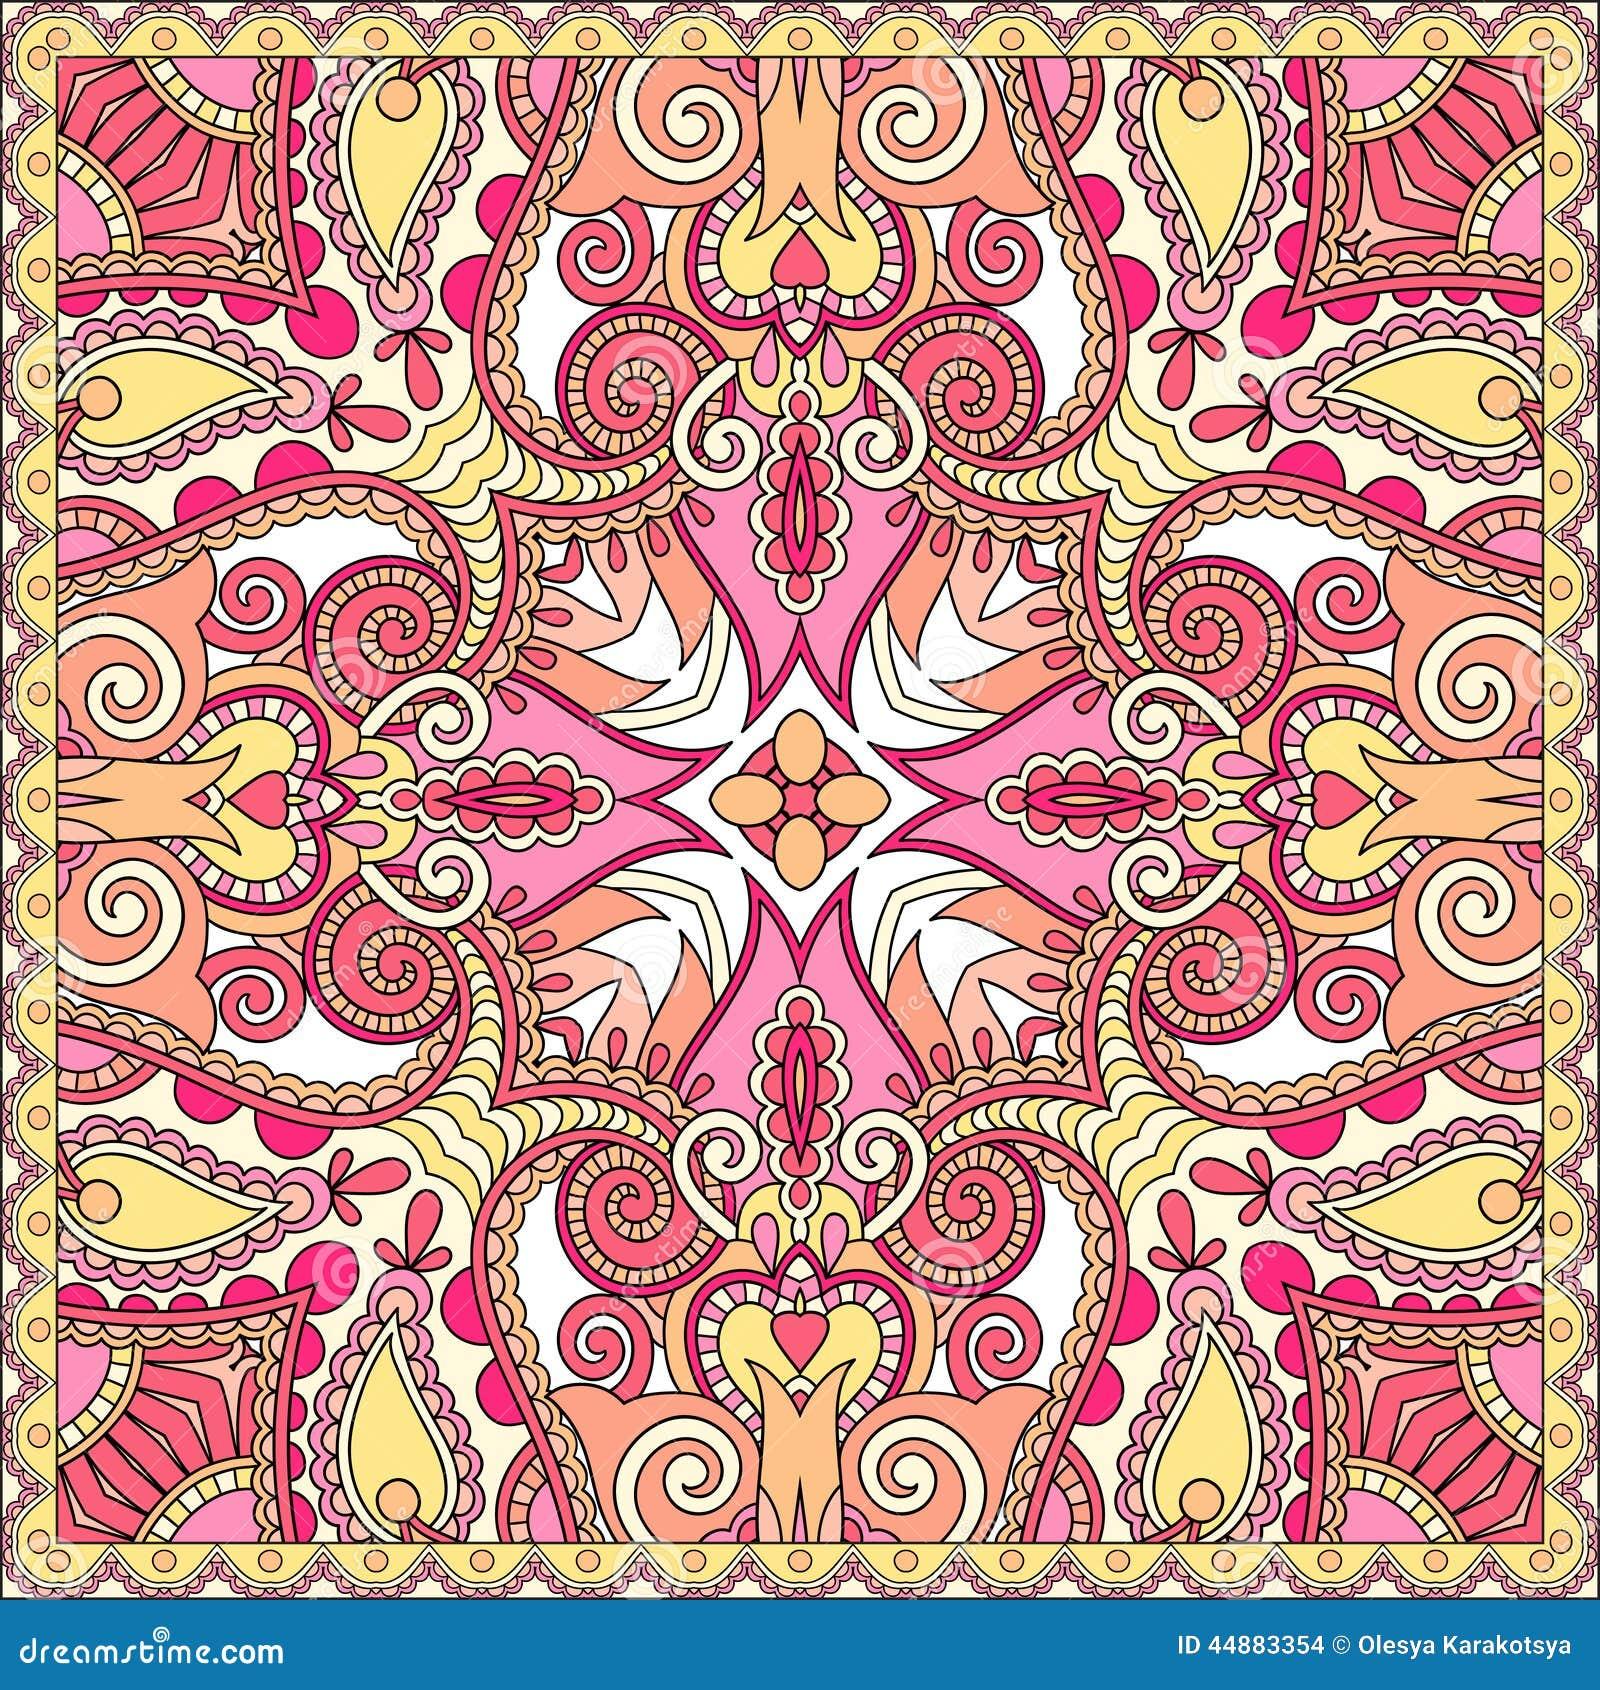 De traditionele sier bloemenbandana van paisley vector illustratie afbeelding 44883354 - Pouf eigentijds ontwerp ...